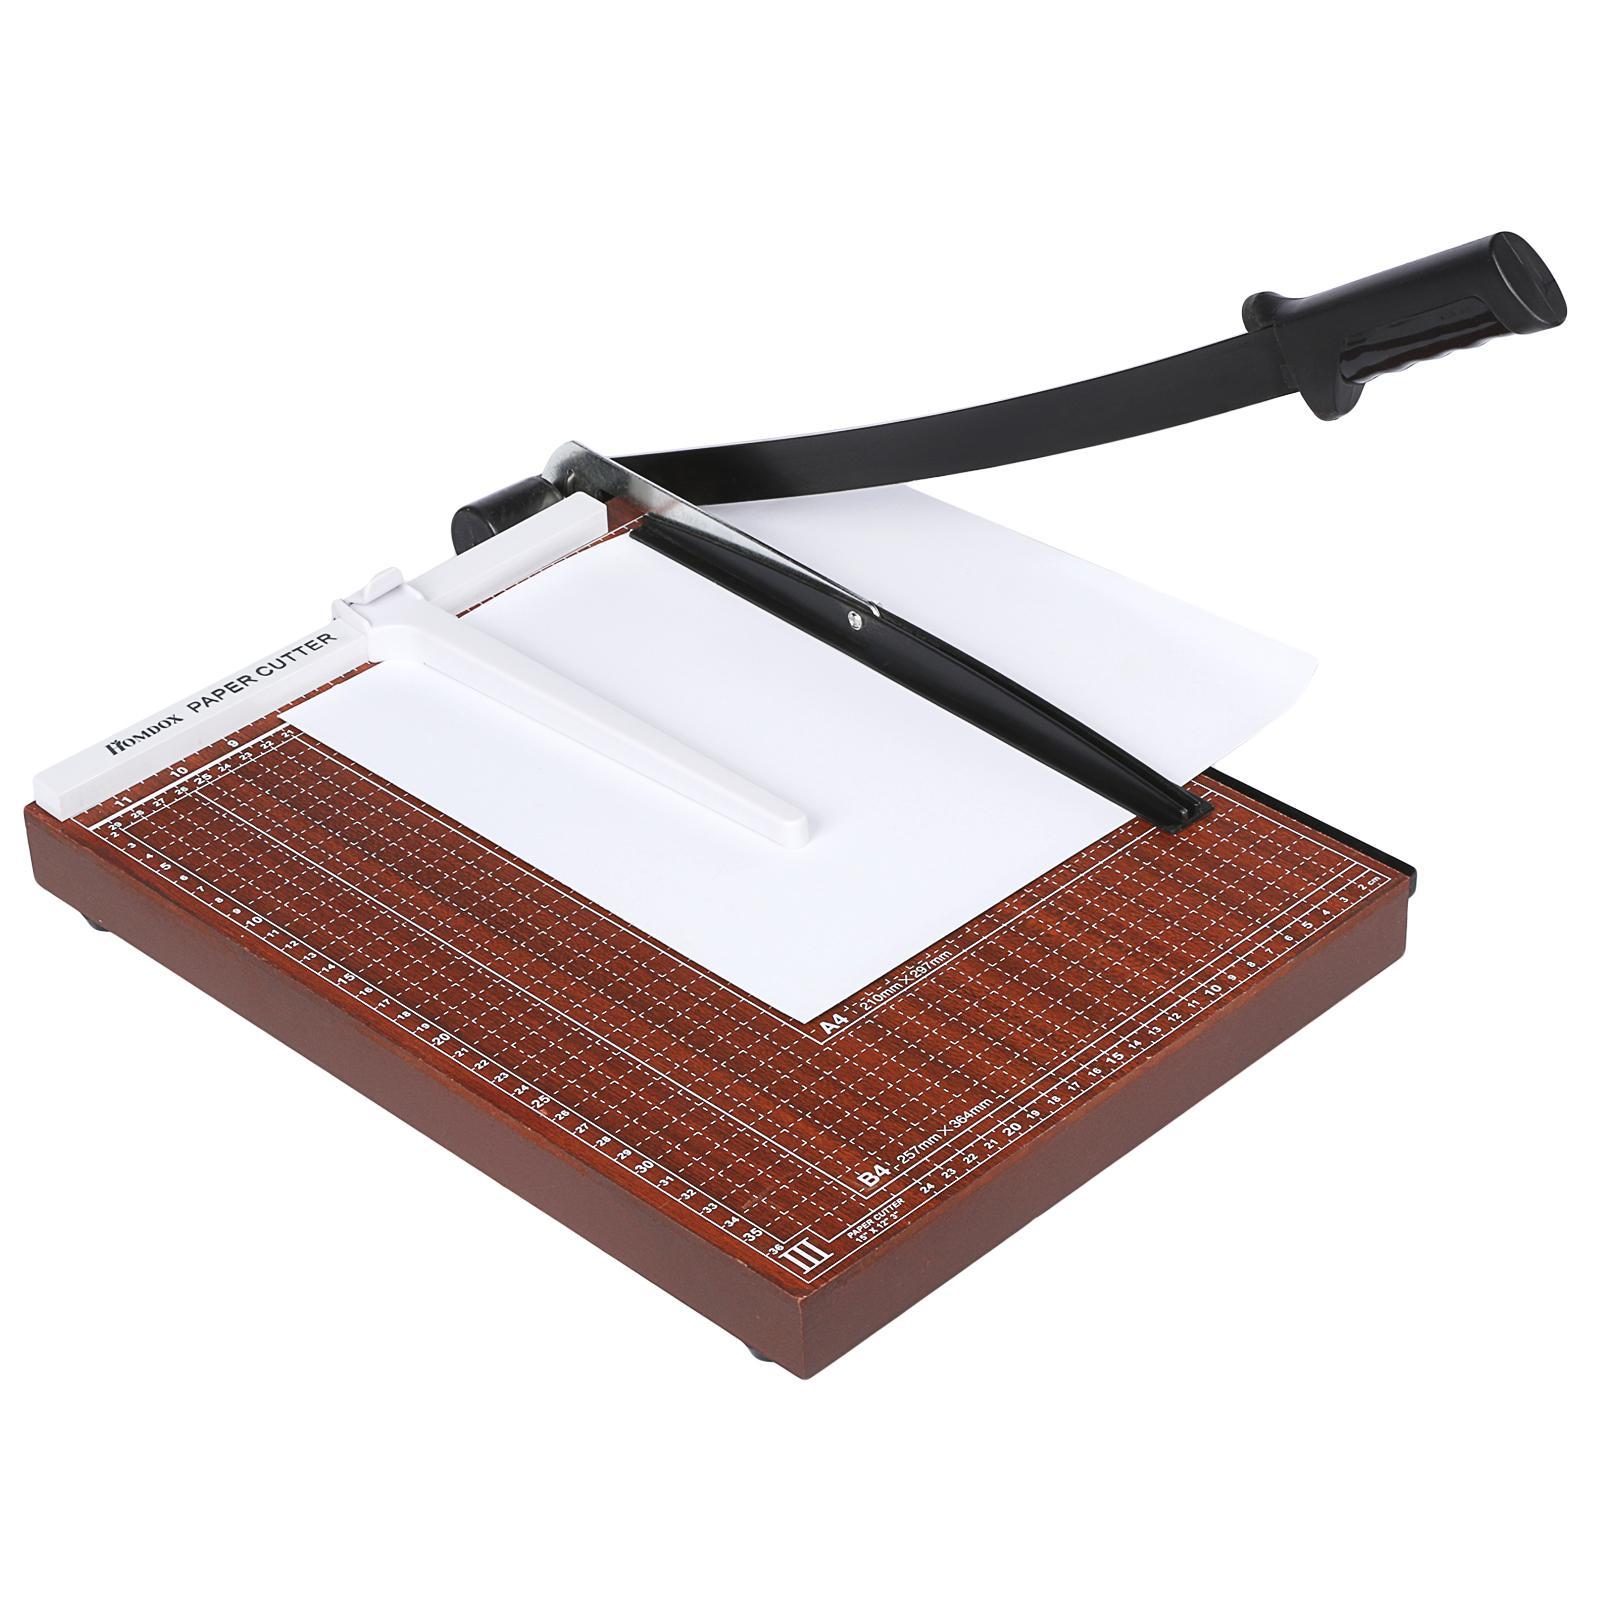 Wooden A3-B7 paper cutter 0